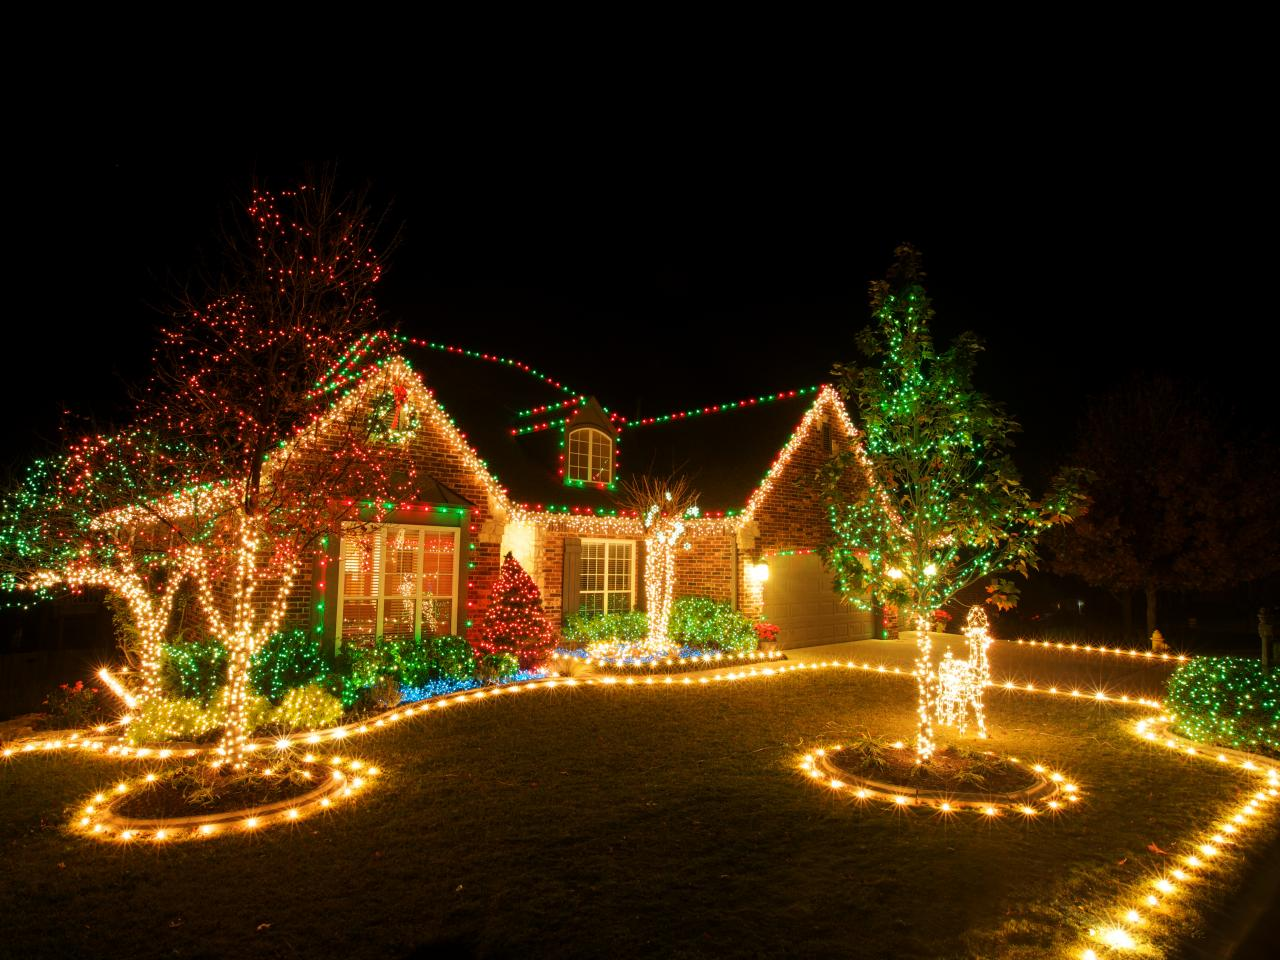 Best Outdoor Lighting Tips For Buyers Warisan Lighting - Best outdoor lighting ideas